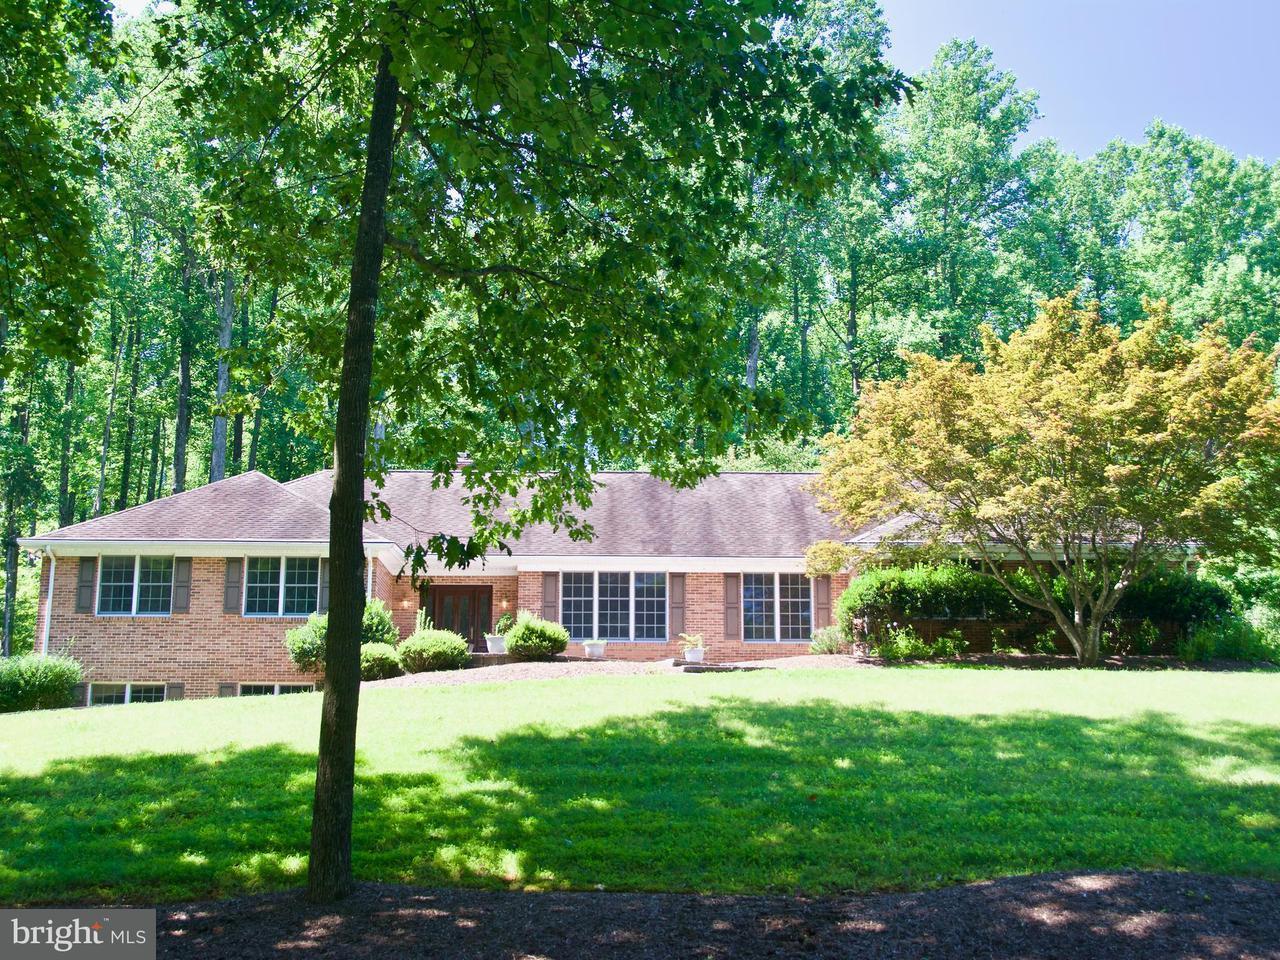 一戸建て のために 売買 アット 5920 HUNTON WOOD Drive 5920 HUNTON WOOD Drive Broad Run, バージニア 20137 アメリカ合衆国